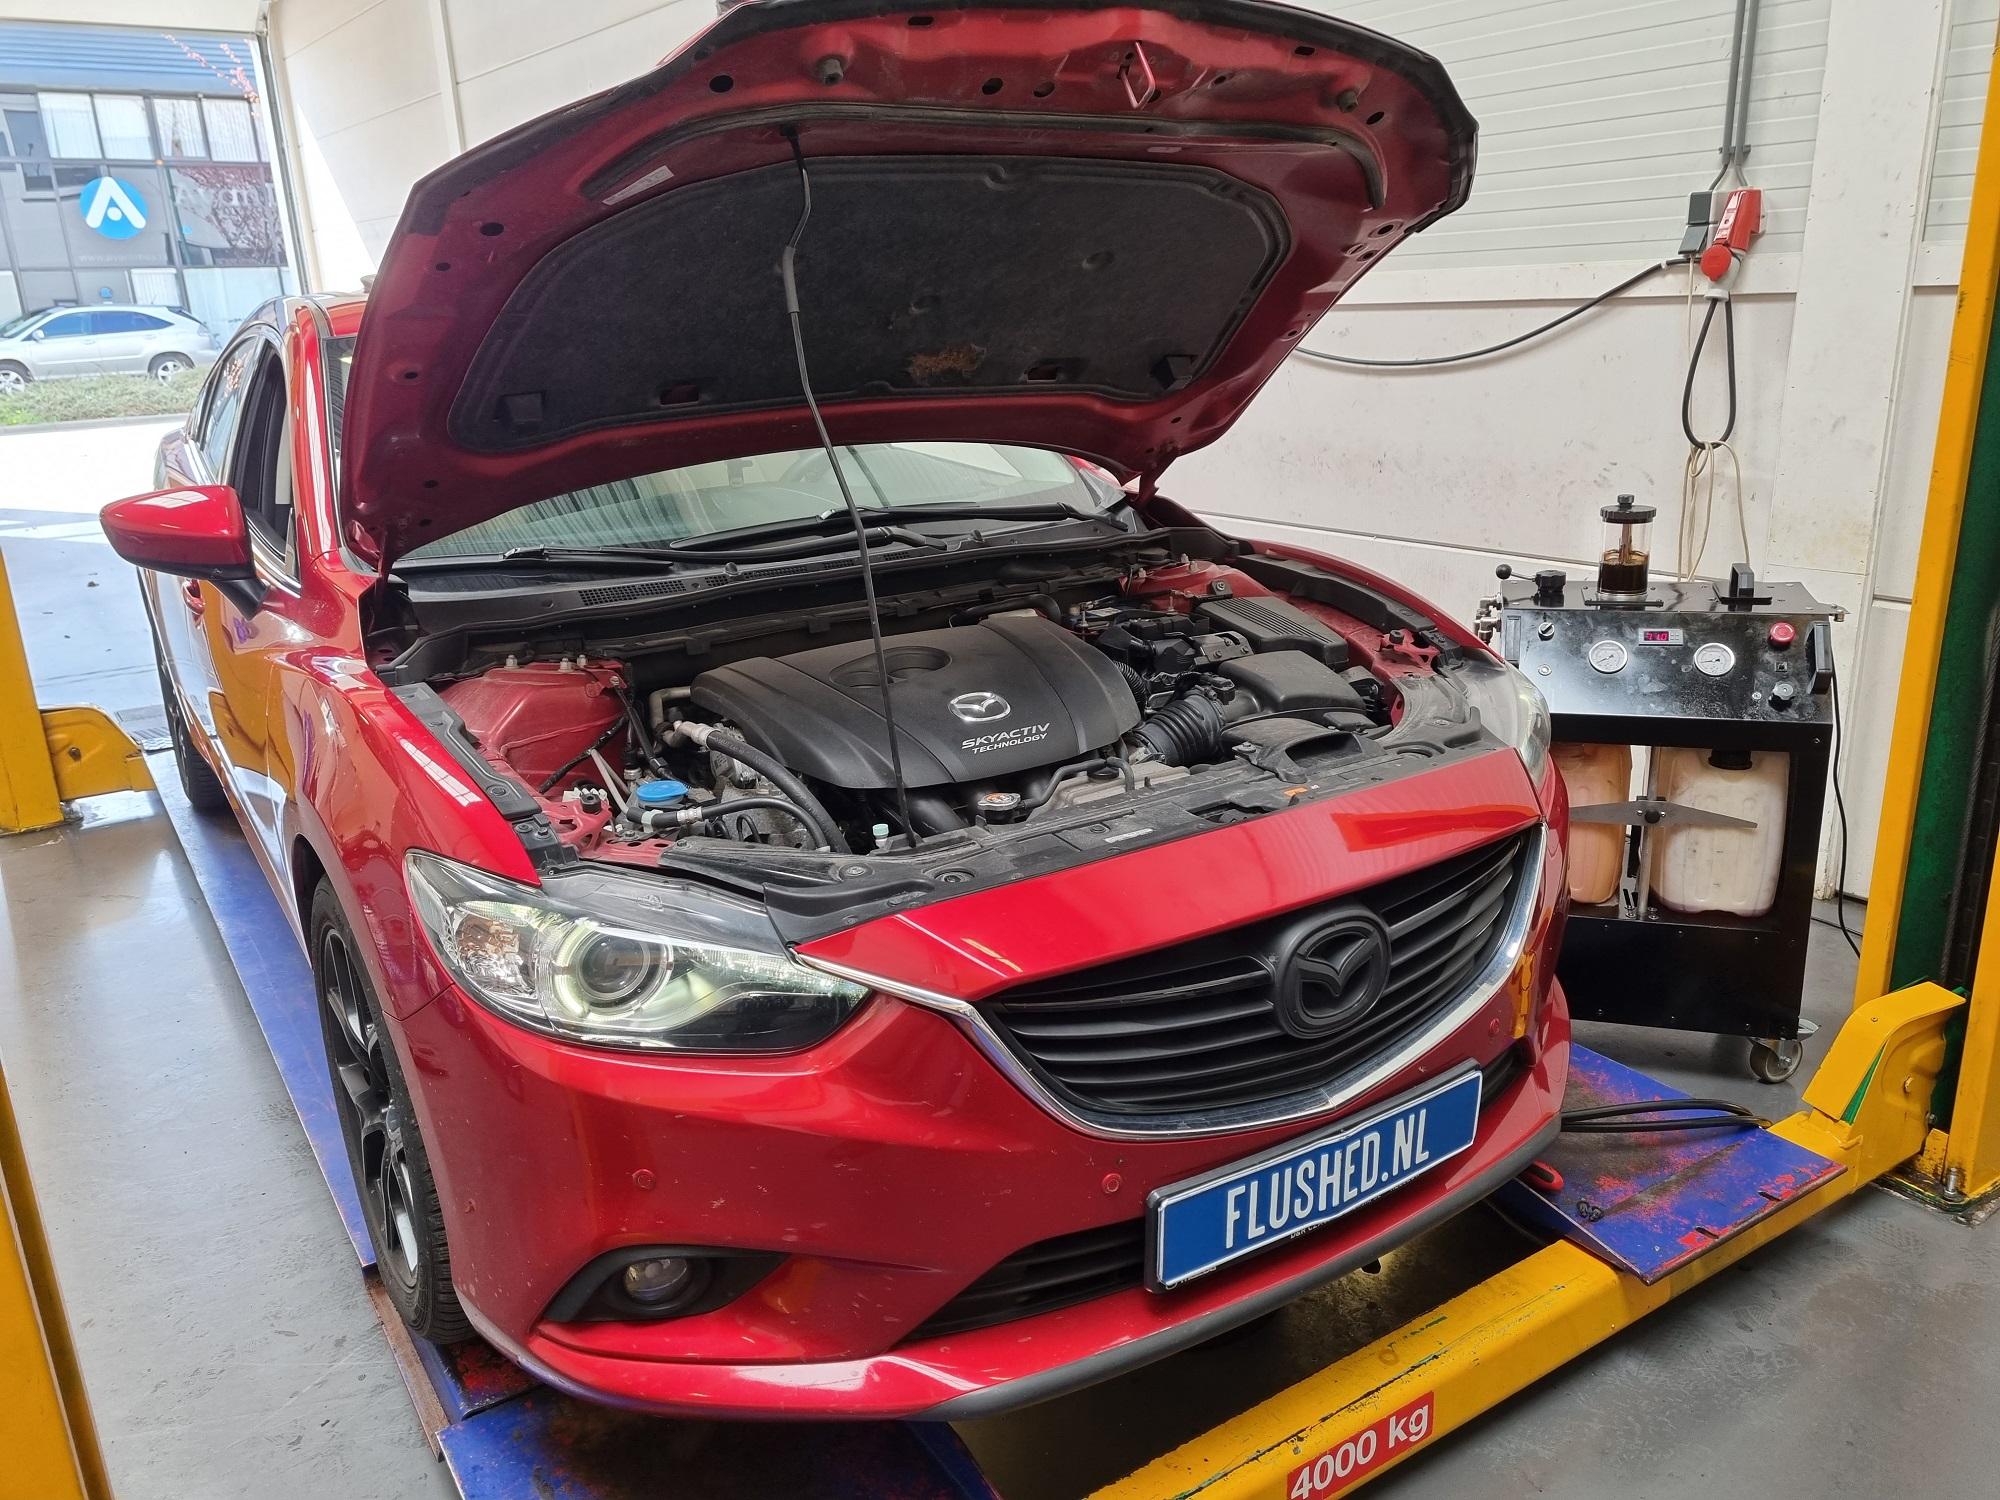 Mazda Automaatbak Spoelen